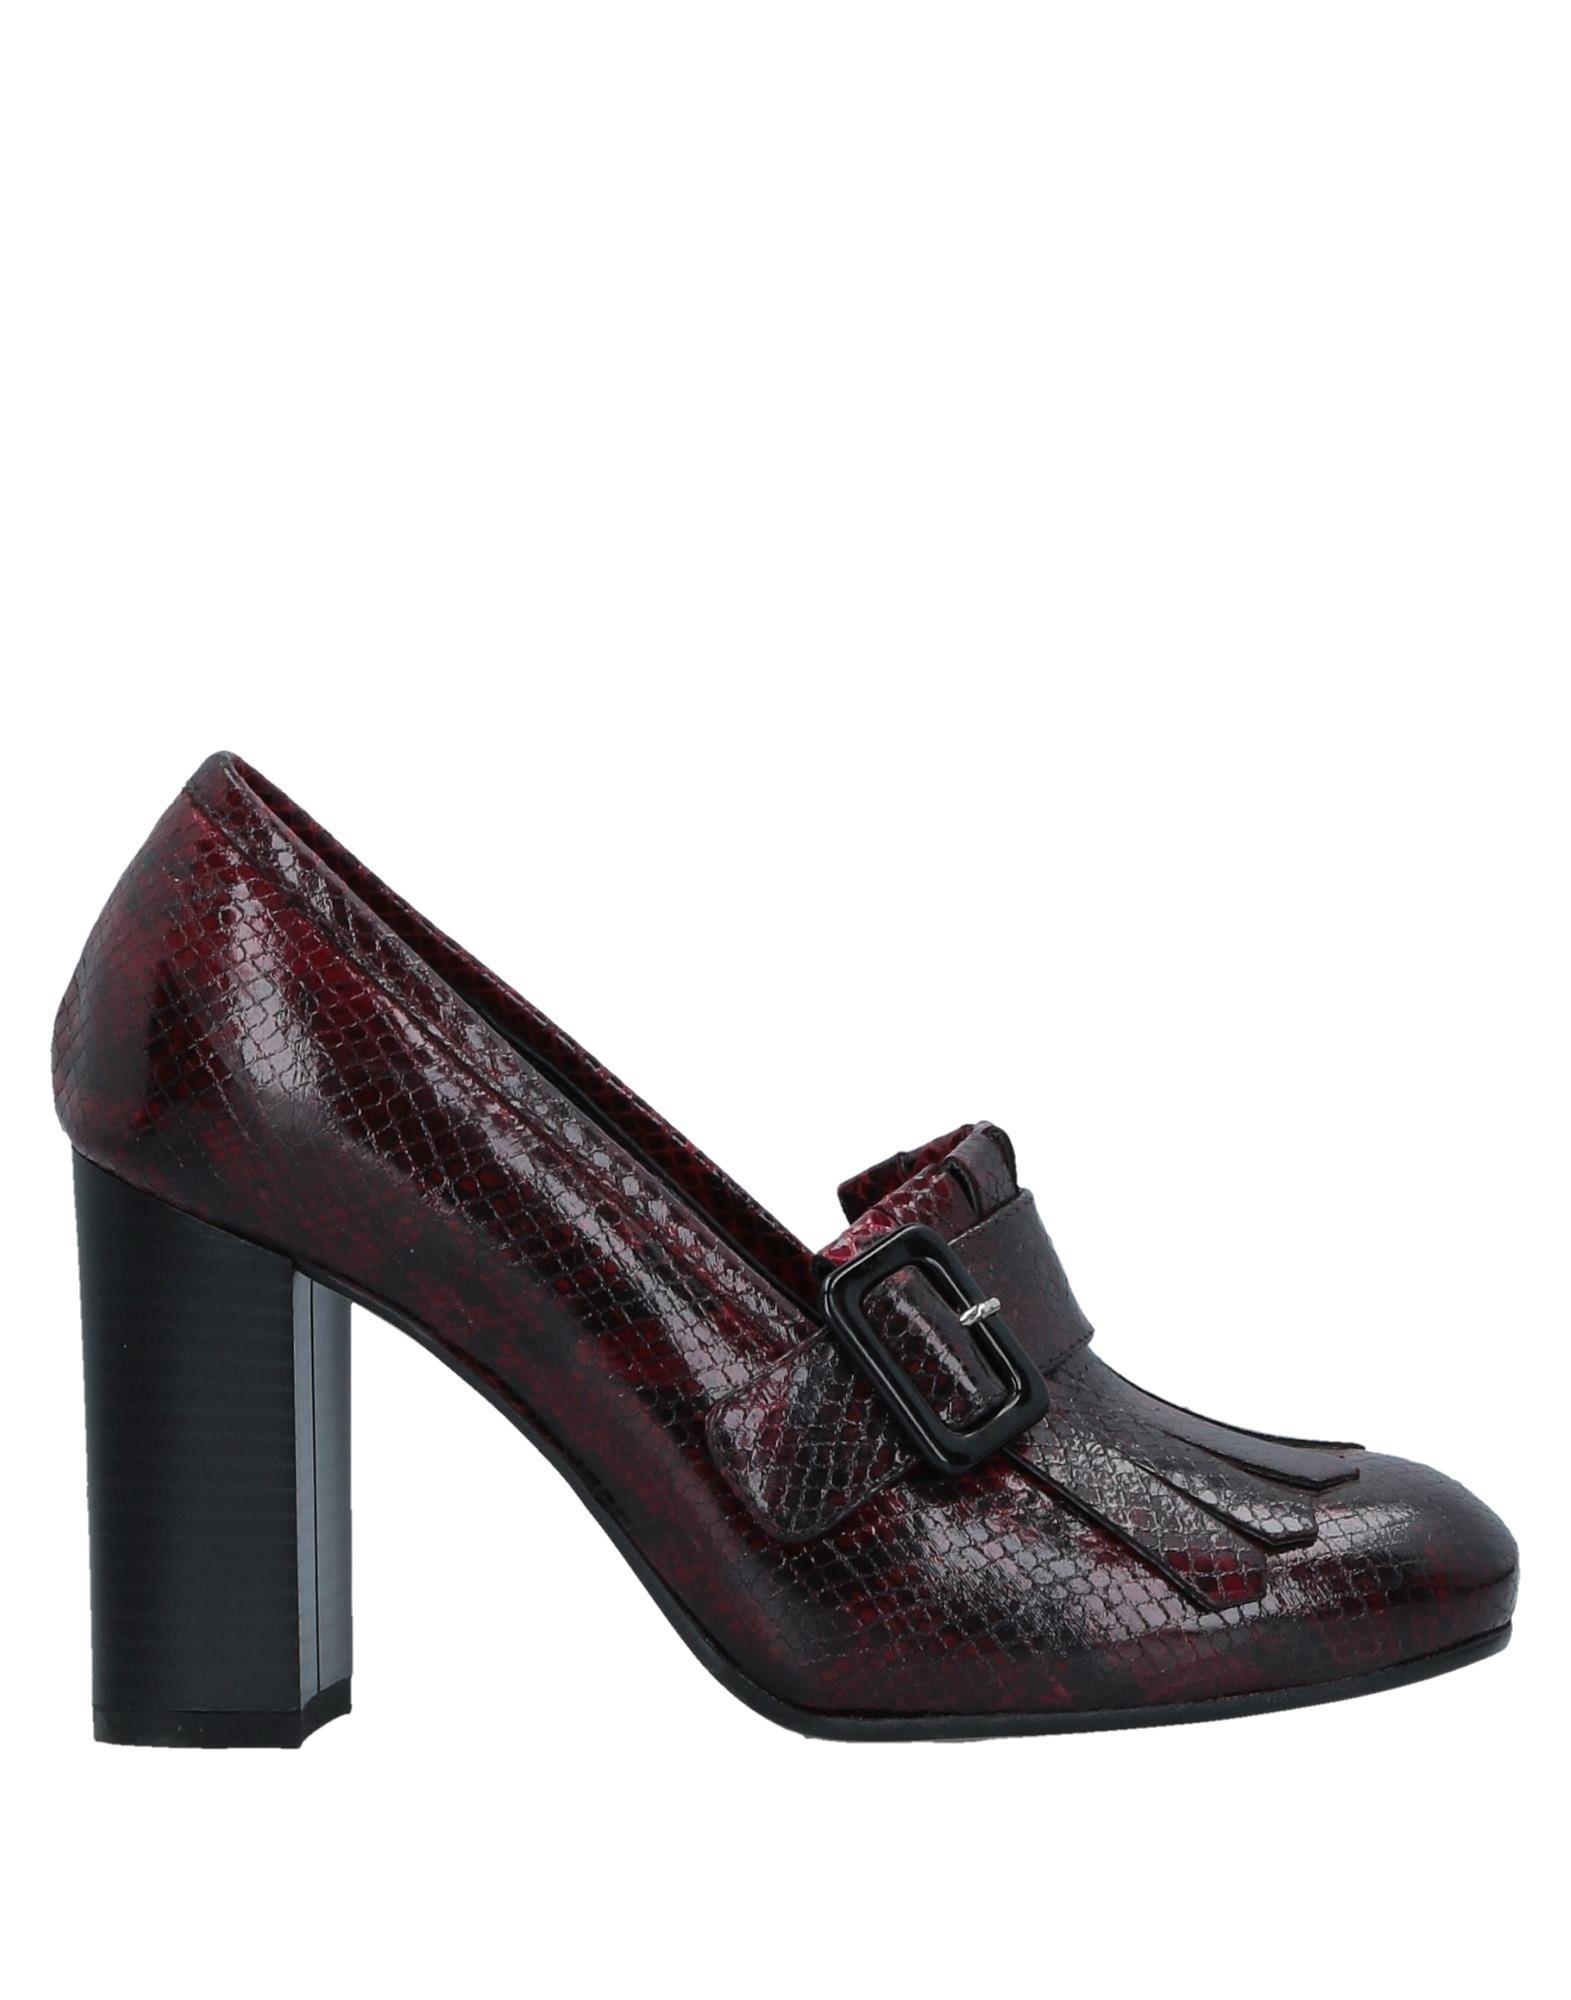 Chocolà Mokassins Damen  Schuhe 11526255OI Gute Qualität beliebte Schuhe  f6d3d3